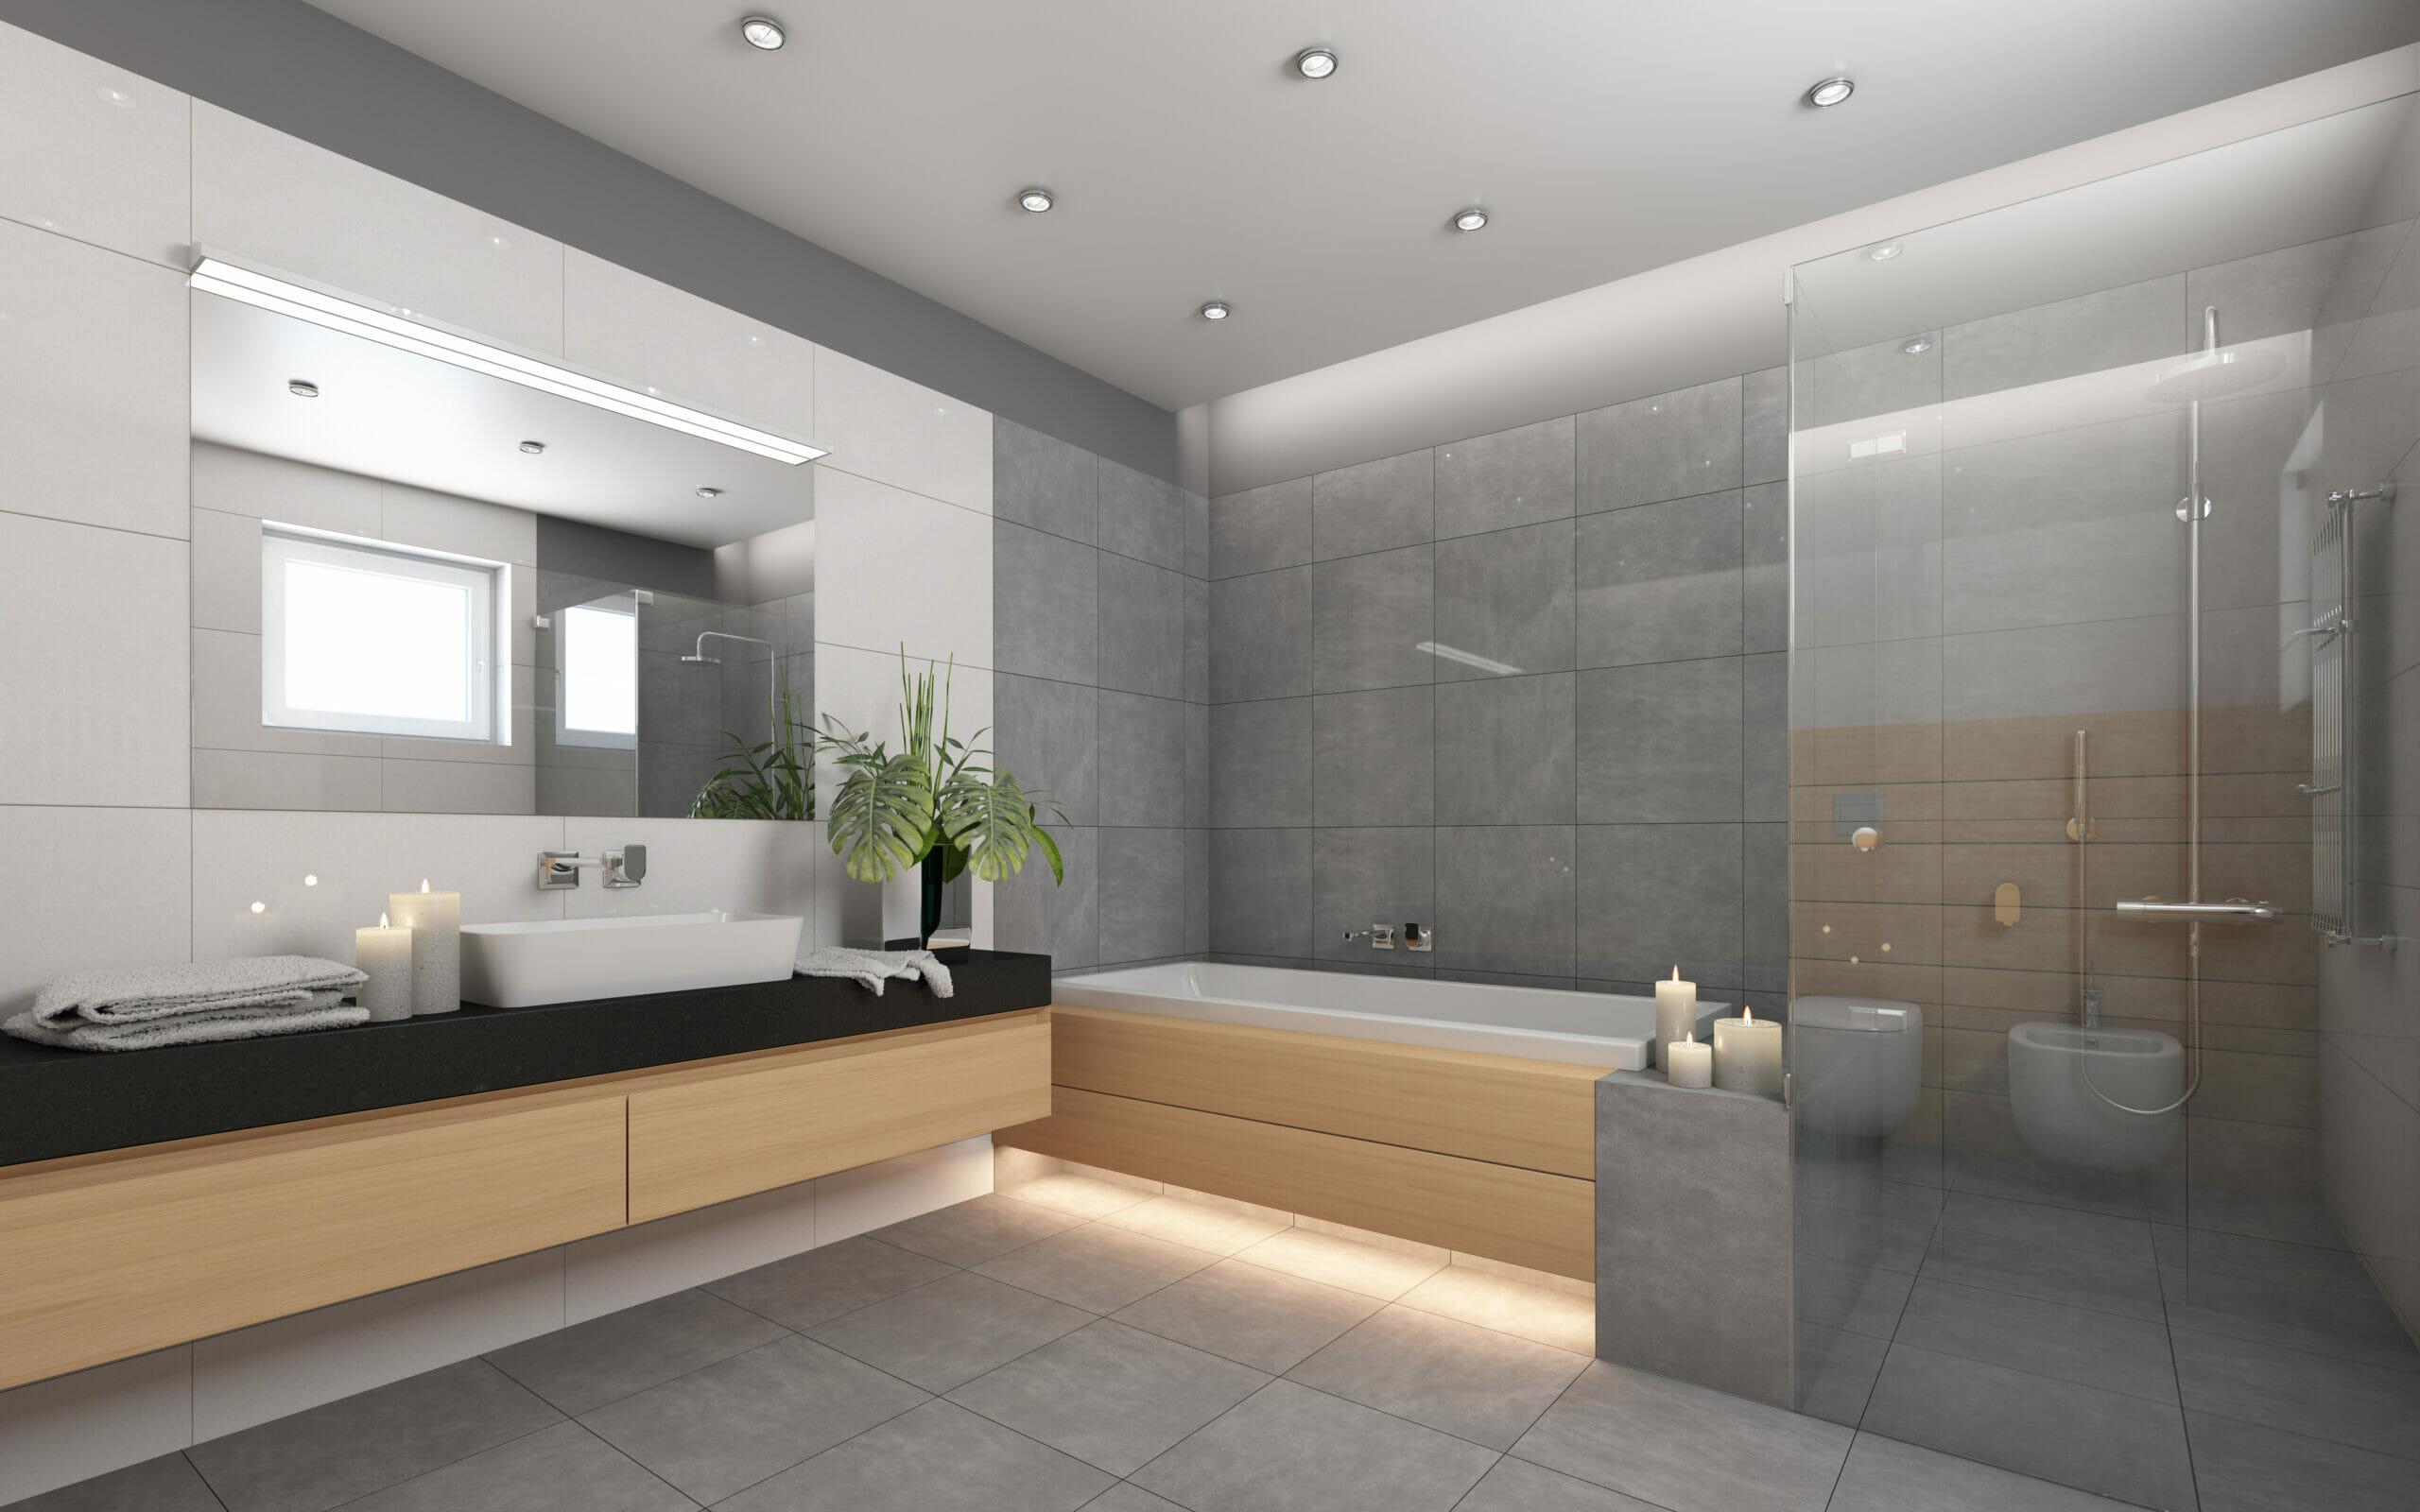 Bildergalerie: Badfliesen Ideen für Ihr Badezimmer - Badsanierung